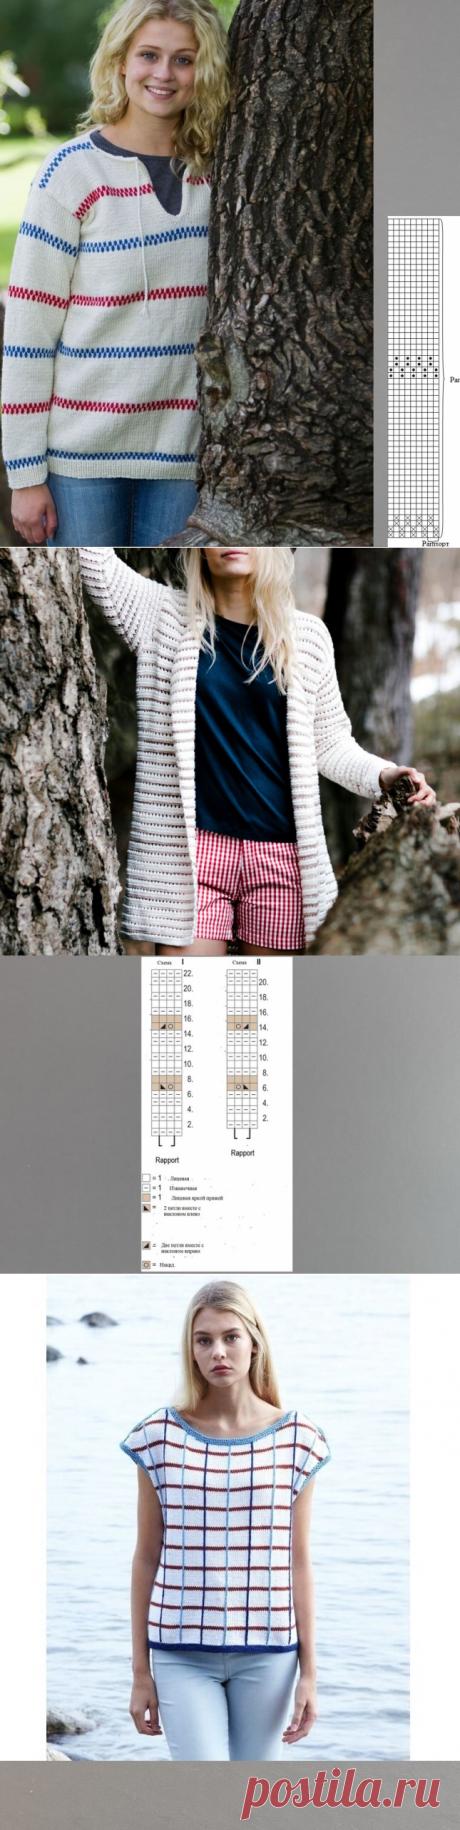 Варианты вязания цветных полос с описанием топа, кардигана, джемпера | Хобби и развлечения | Яндекс Дзен